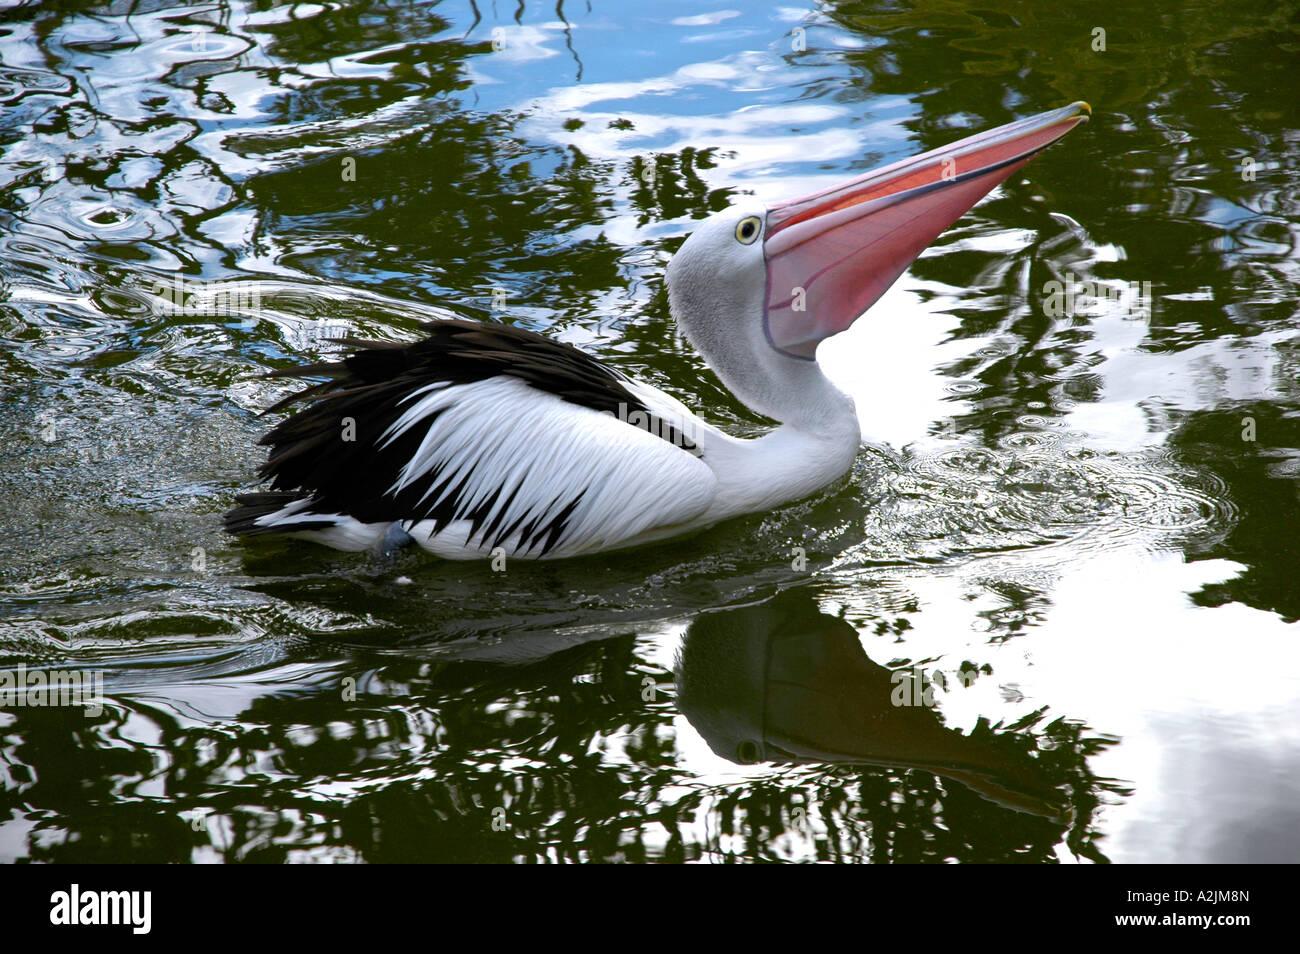 Australian Pelican (Pelecanus conspicillatus) - Stock Image